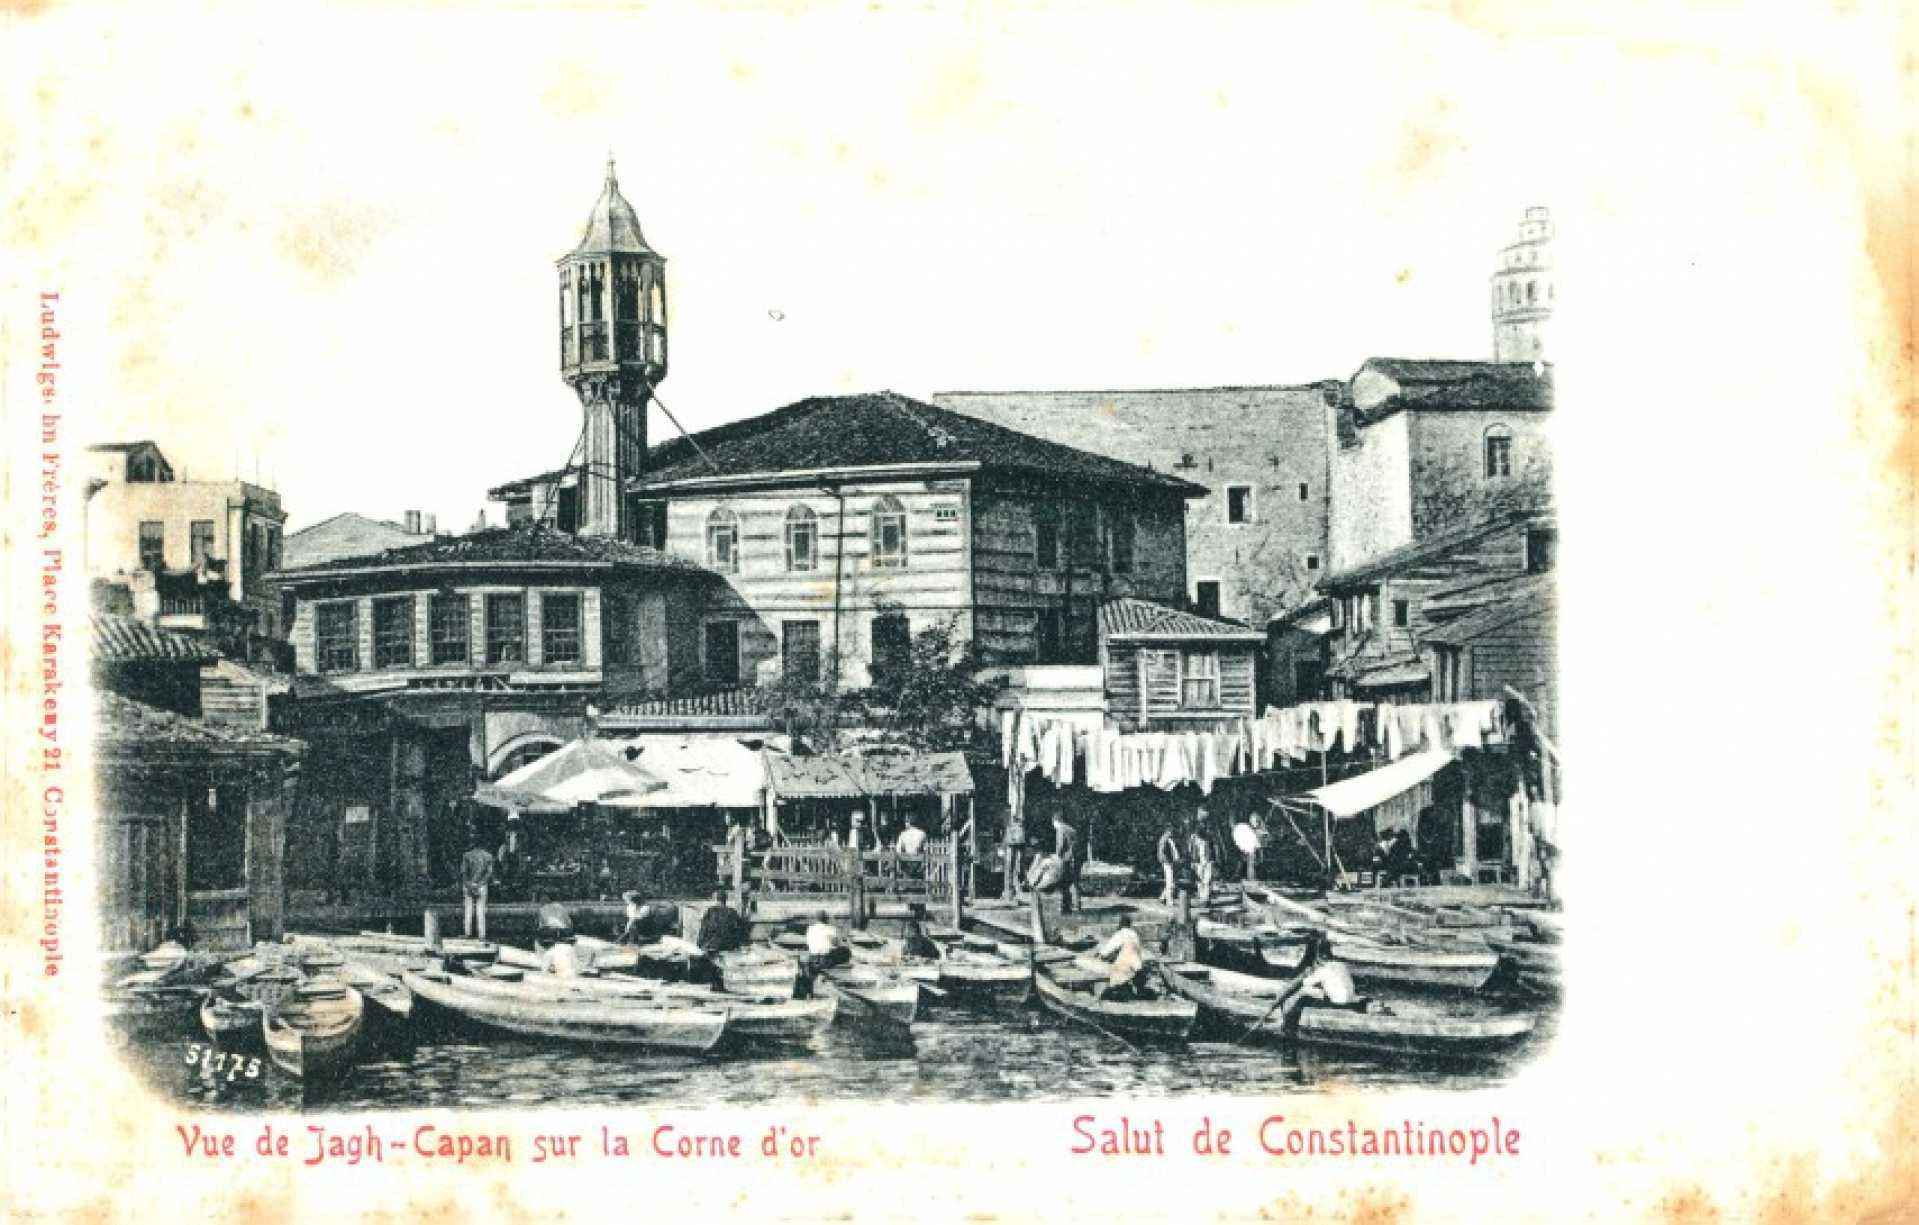 Vue de Jagh-Capan sur la Corne d'Or